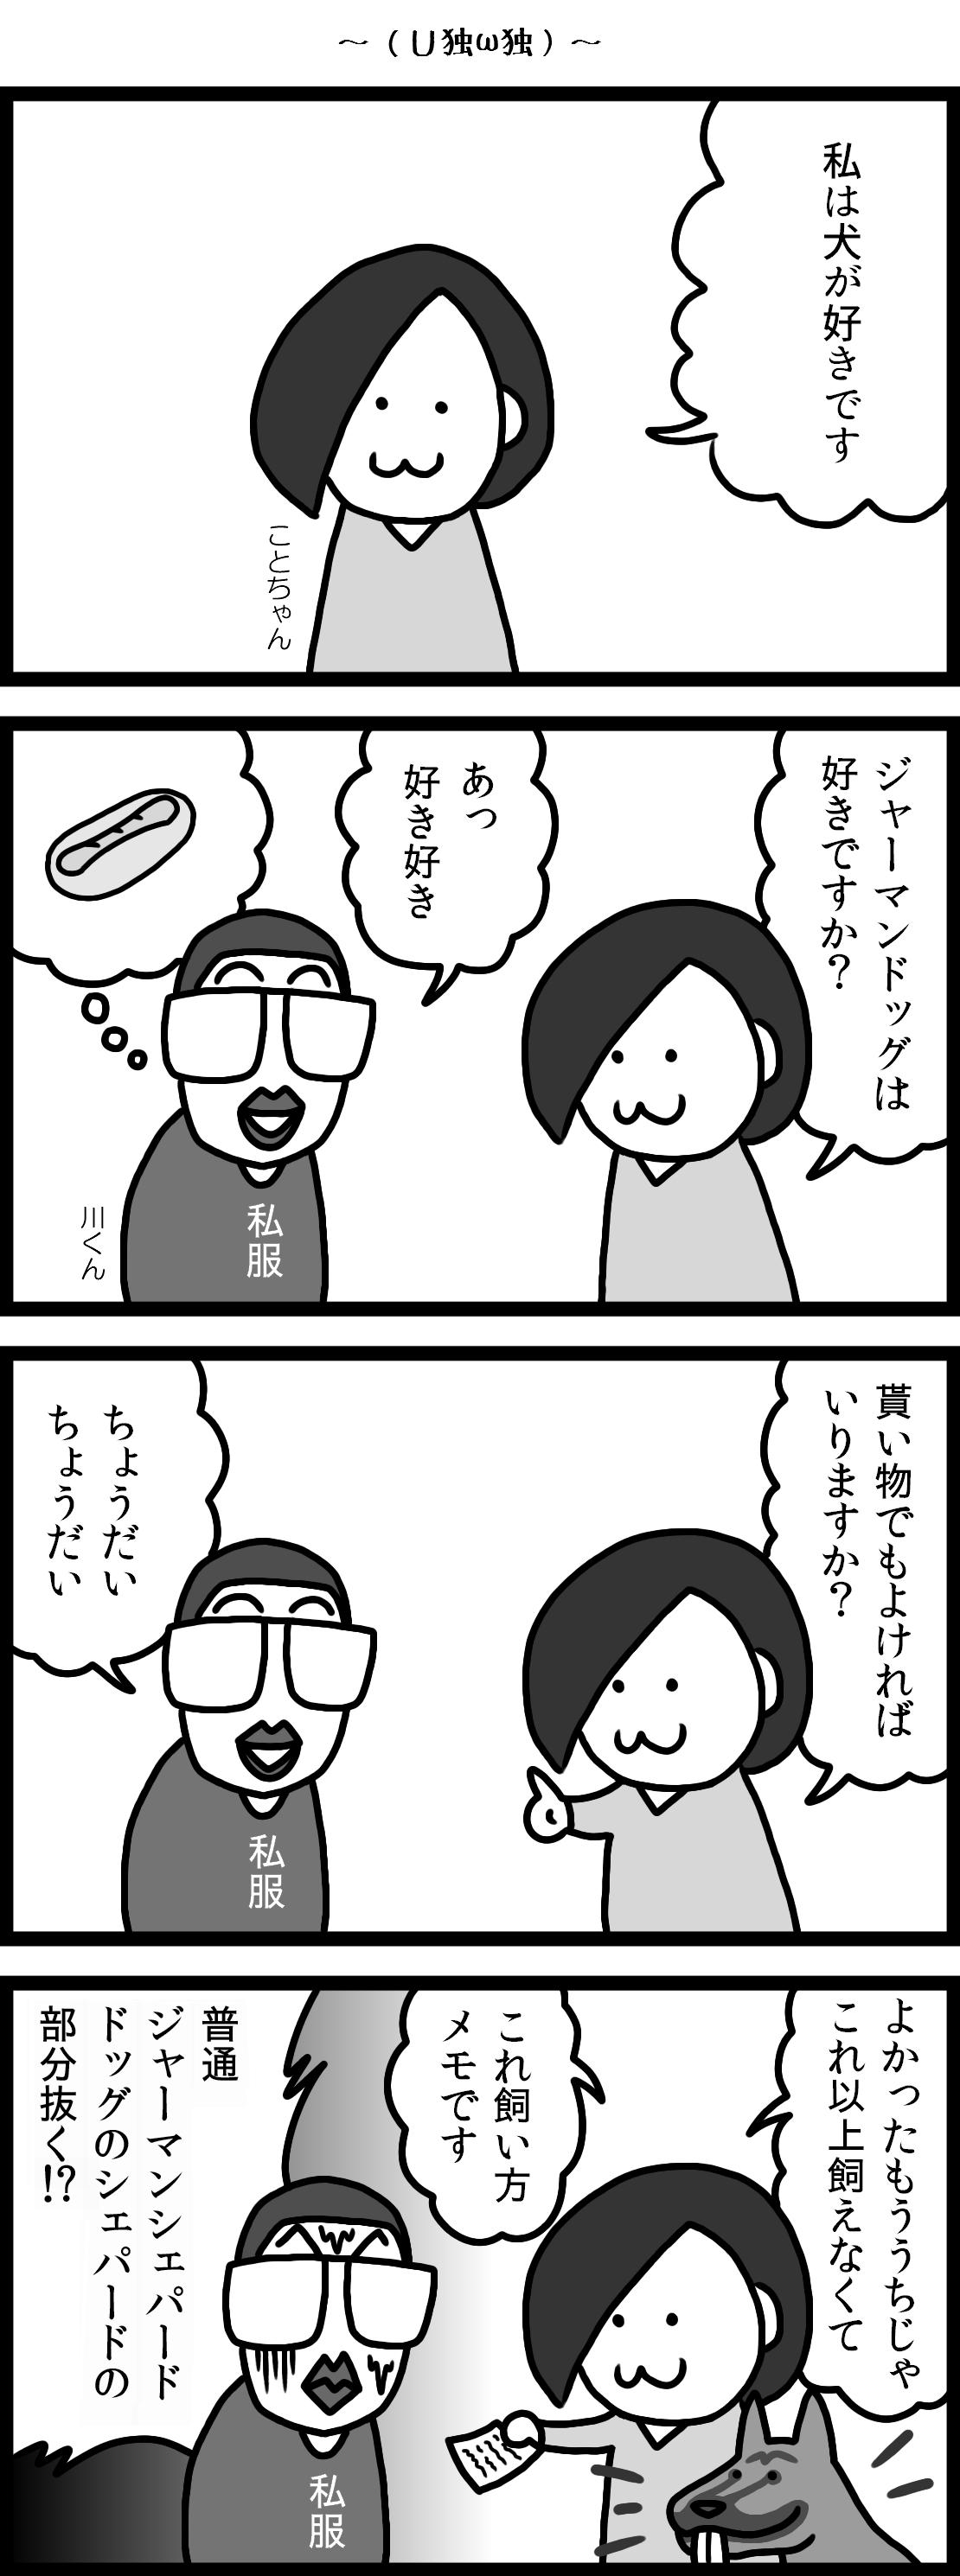 (∪独ω独)